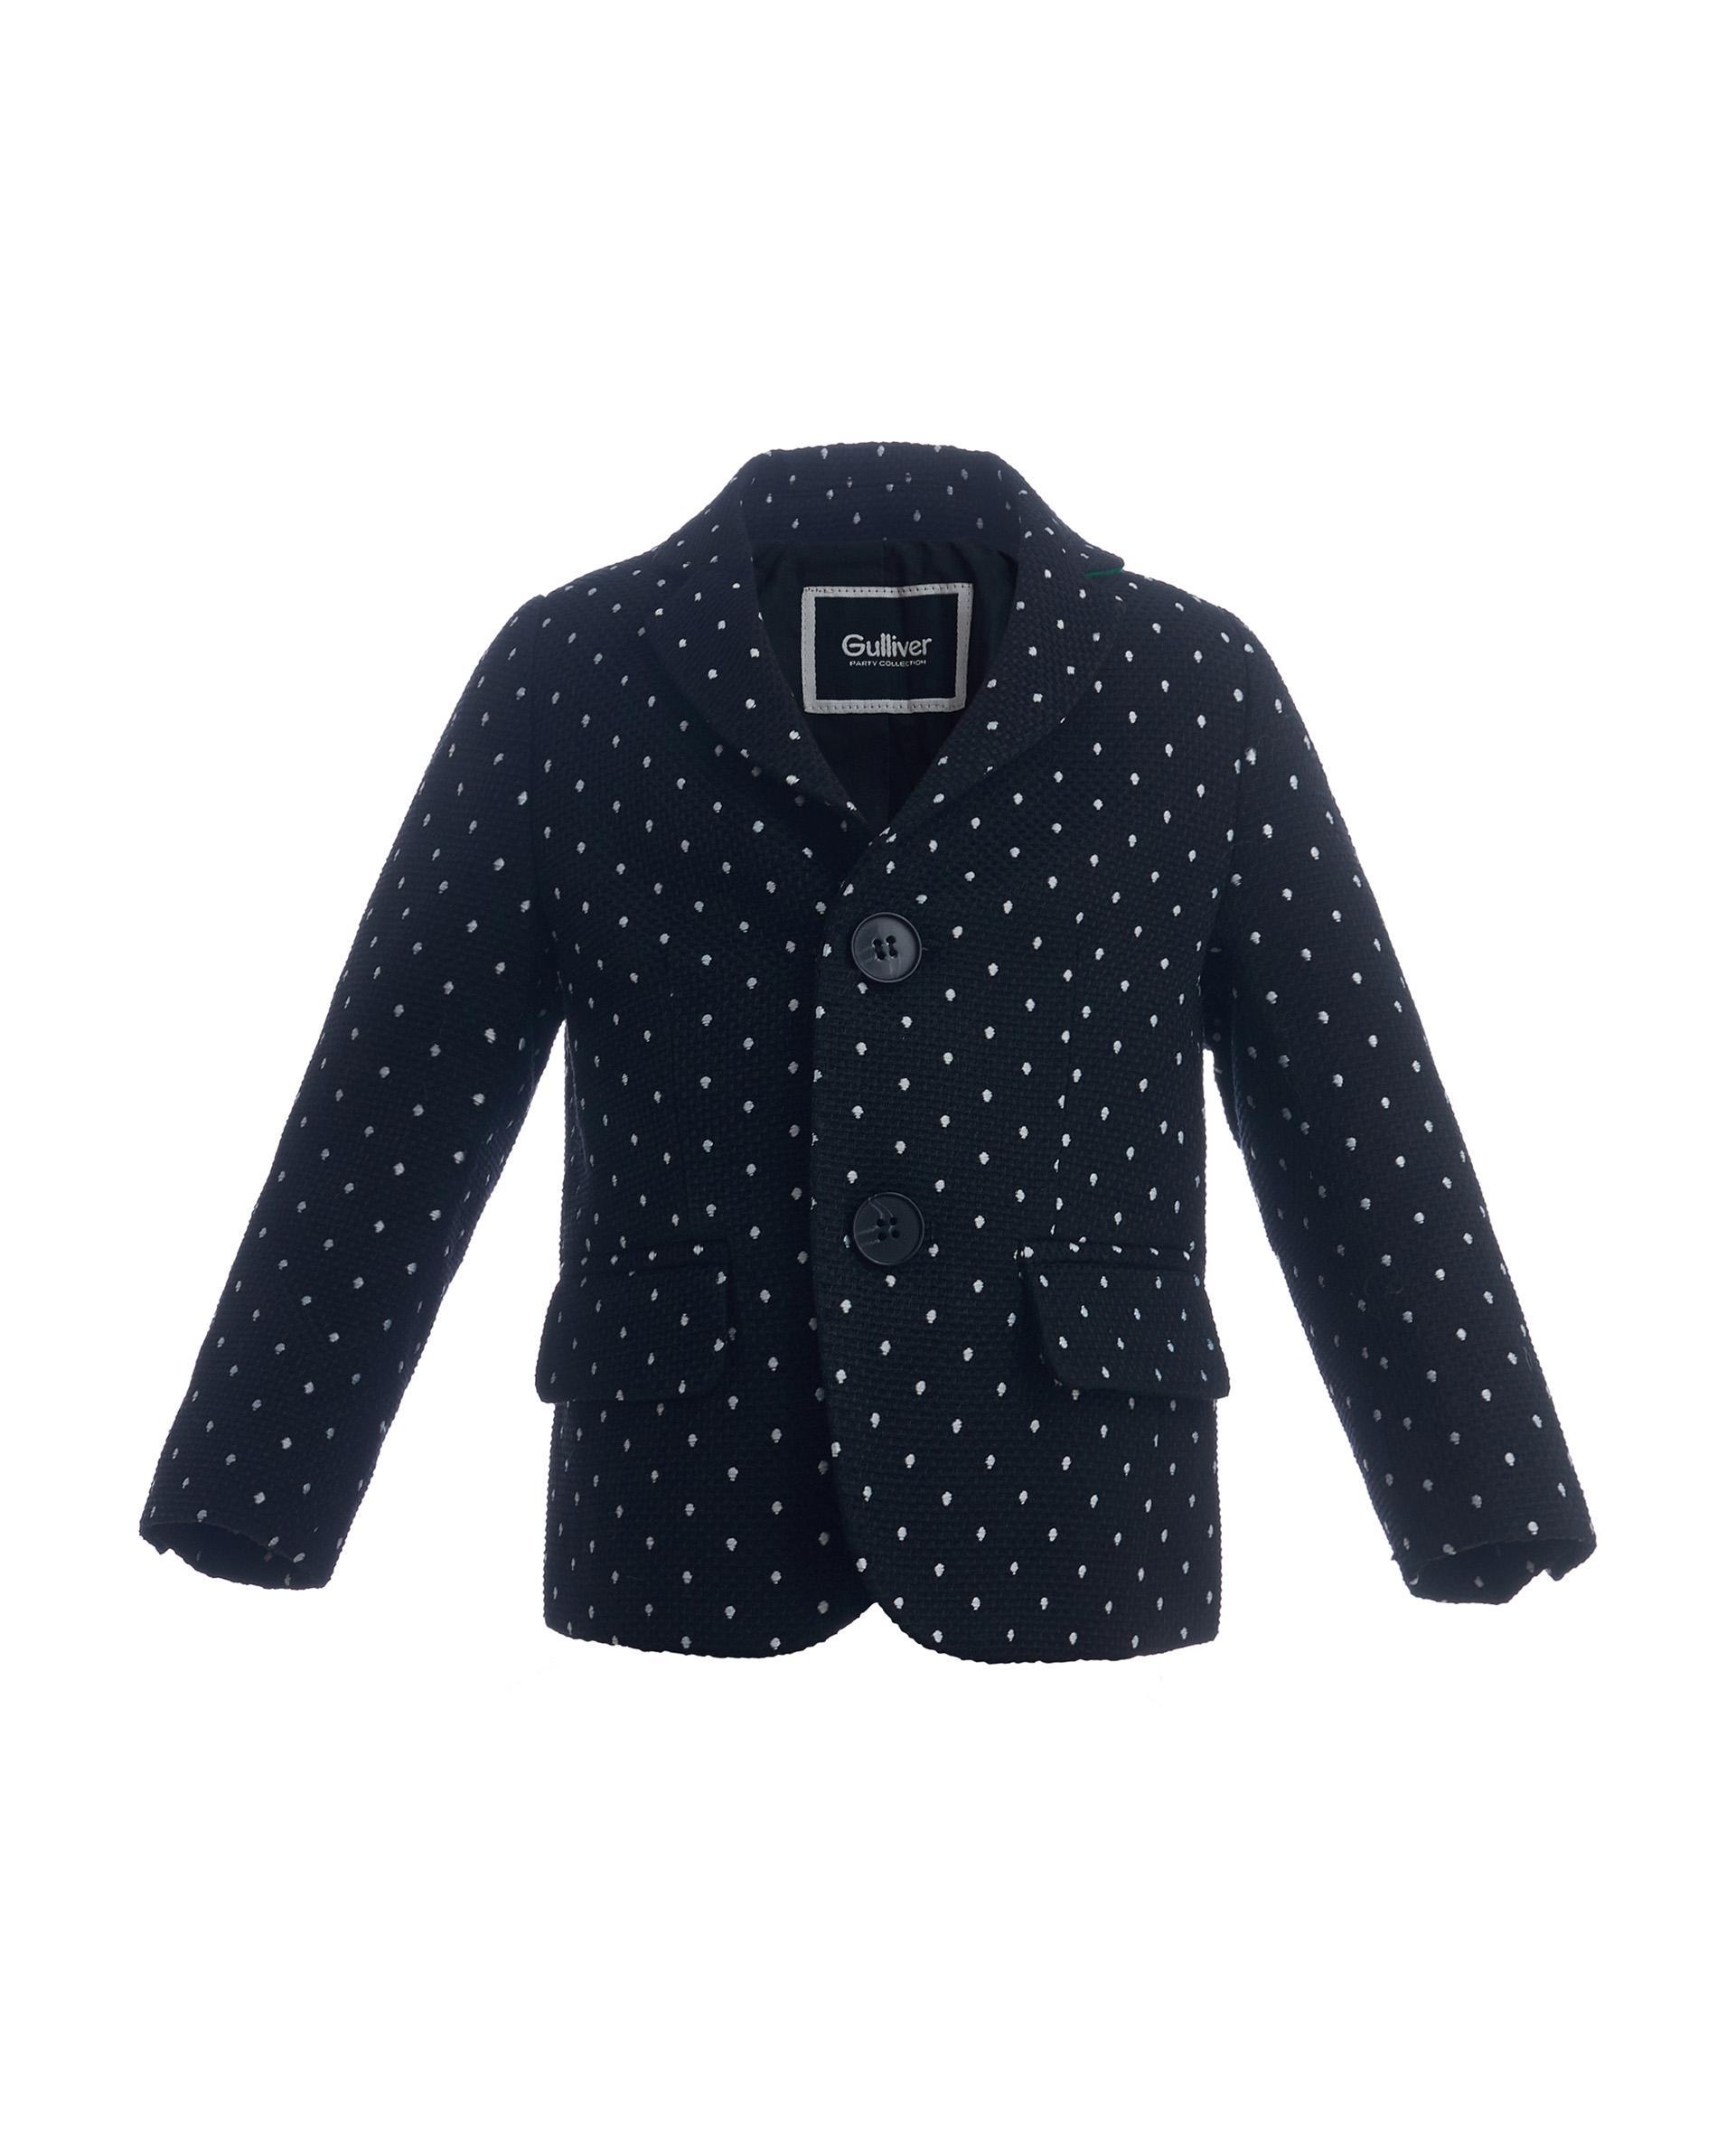 Купить 219GPBBC4801, Черный пиджак в горошек Gulliver, Gulliver Baby, черный, 86, Мужской, ОСЕНЬ/ЗИМА 2020-2021 (shop: GulliverMarket Gulliver Market)